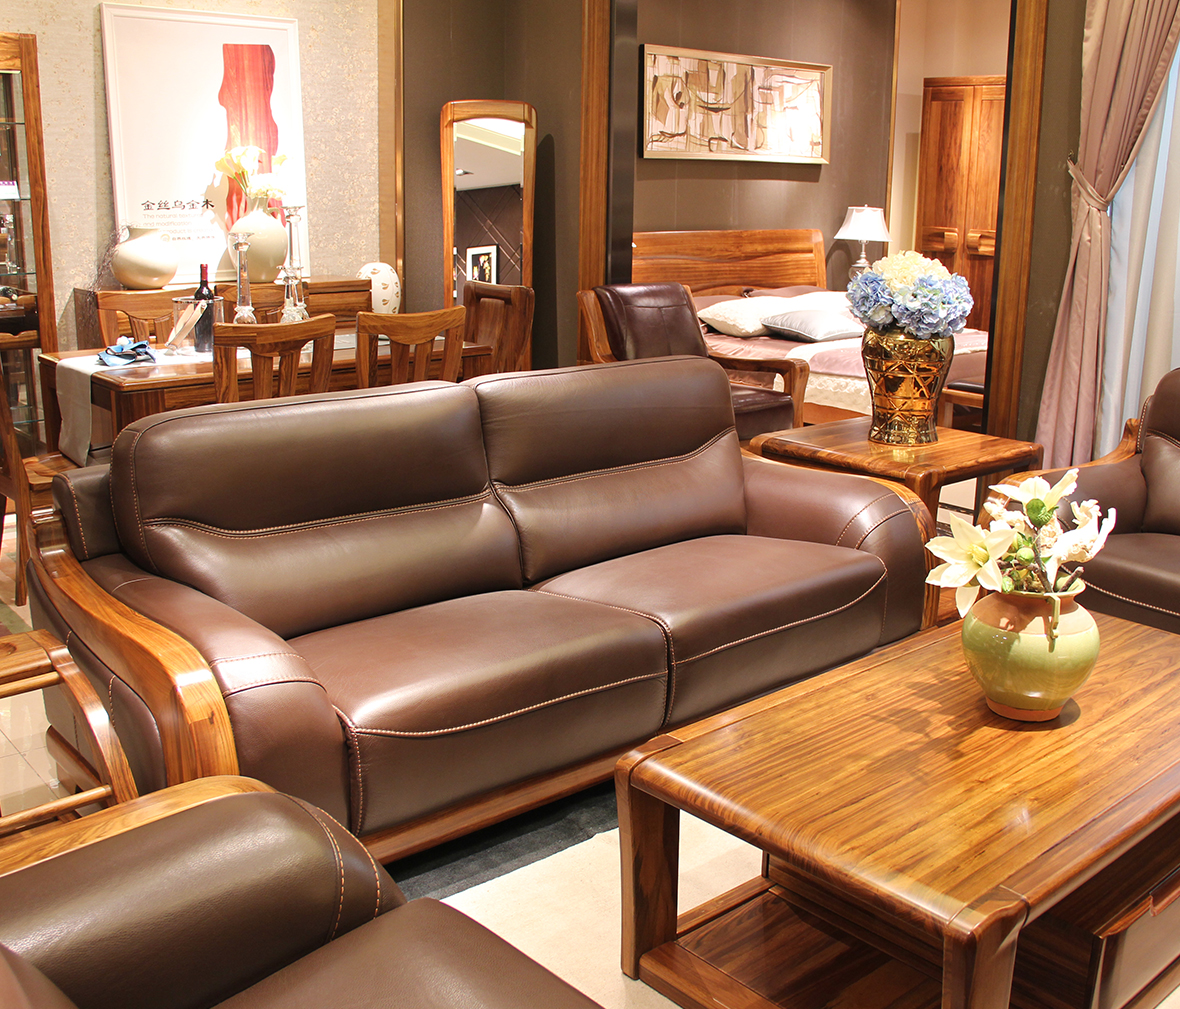 赖氏家具 乌金木三人位沙发wjj06c型号图片